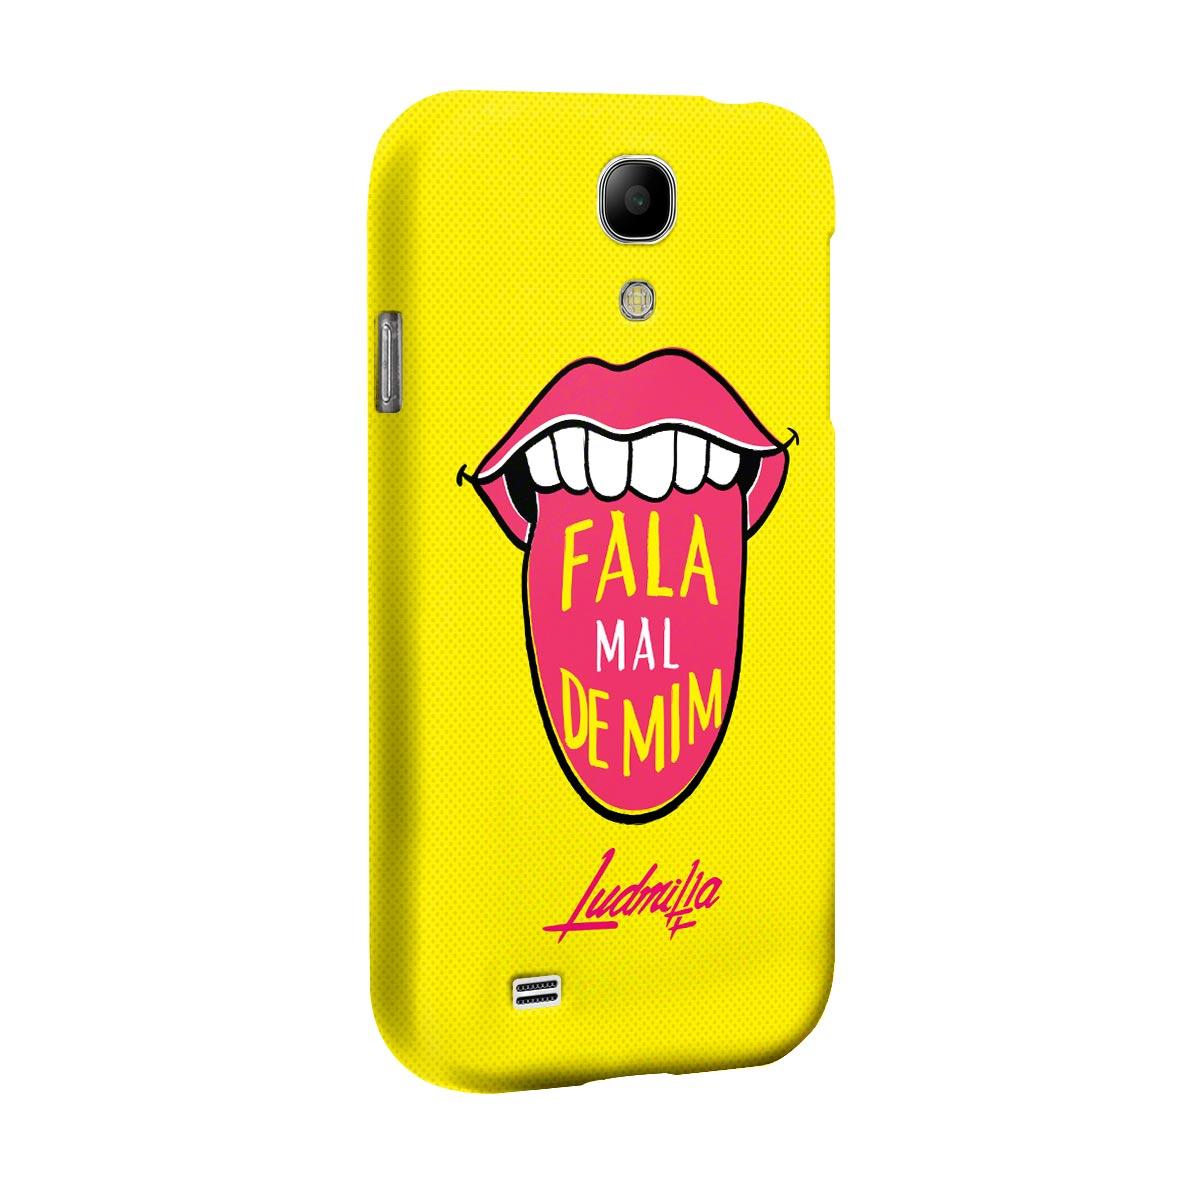 Capa para Samsung Galaxy S4 Ludmilla Fala Mal de Mim